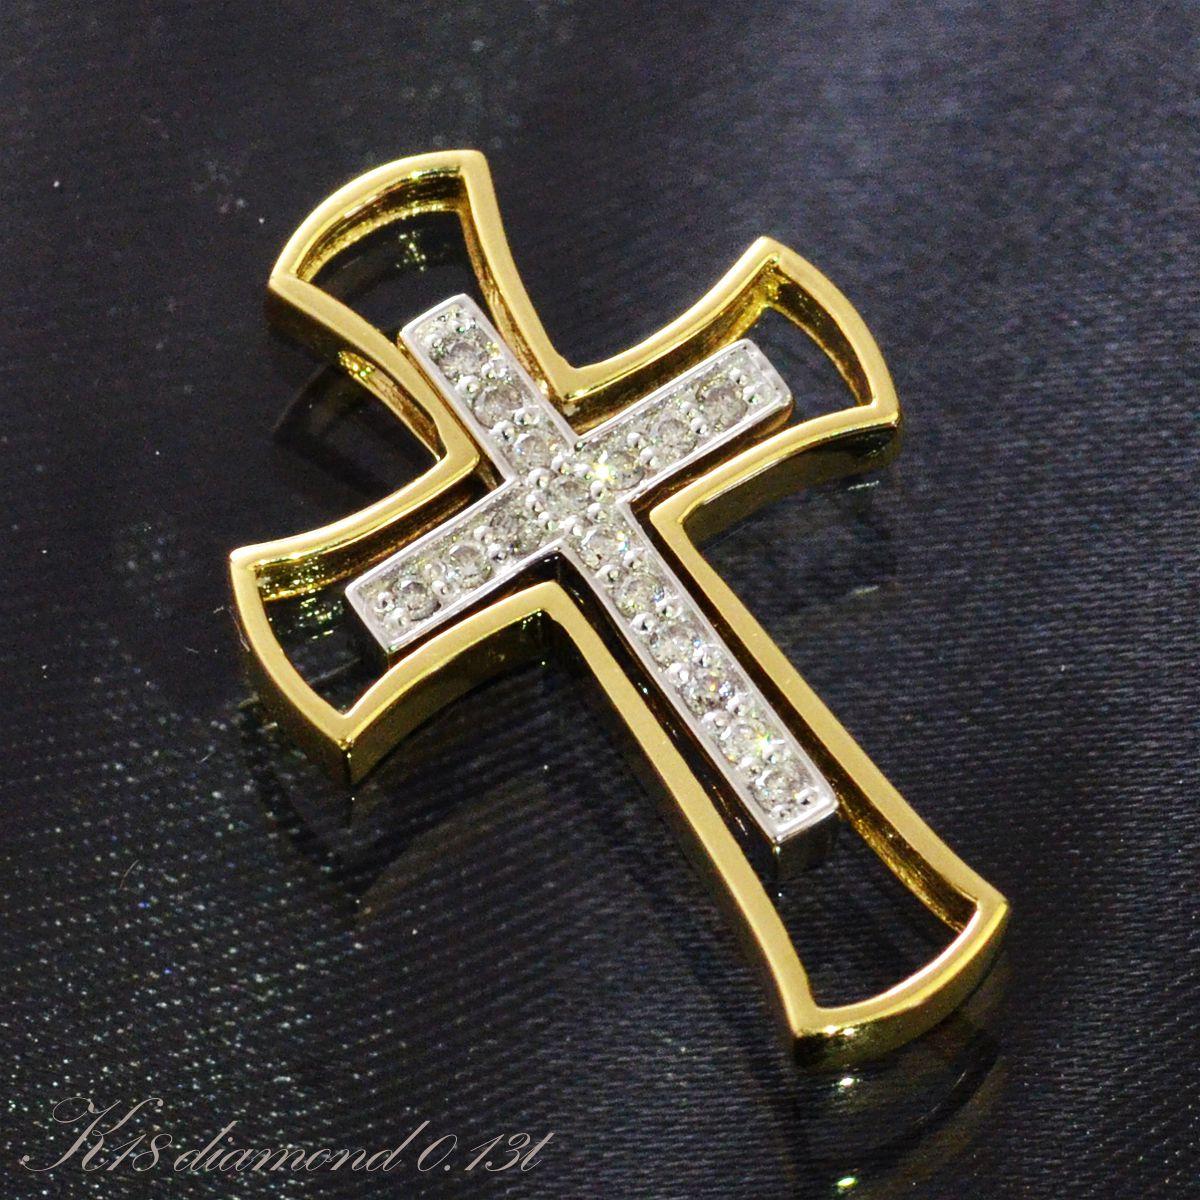 18金 ペンダントトップ メンズ K18 18K ゴールド/ホワイトゴールド ダイヤモンド クロス 十字架 2way 刻印入り 鑑別書付き